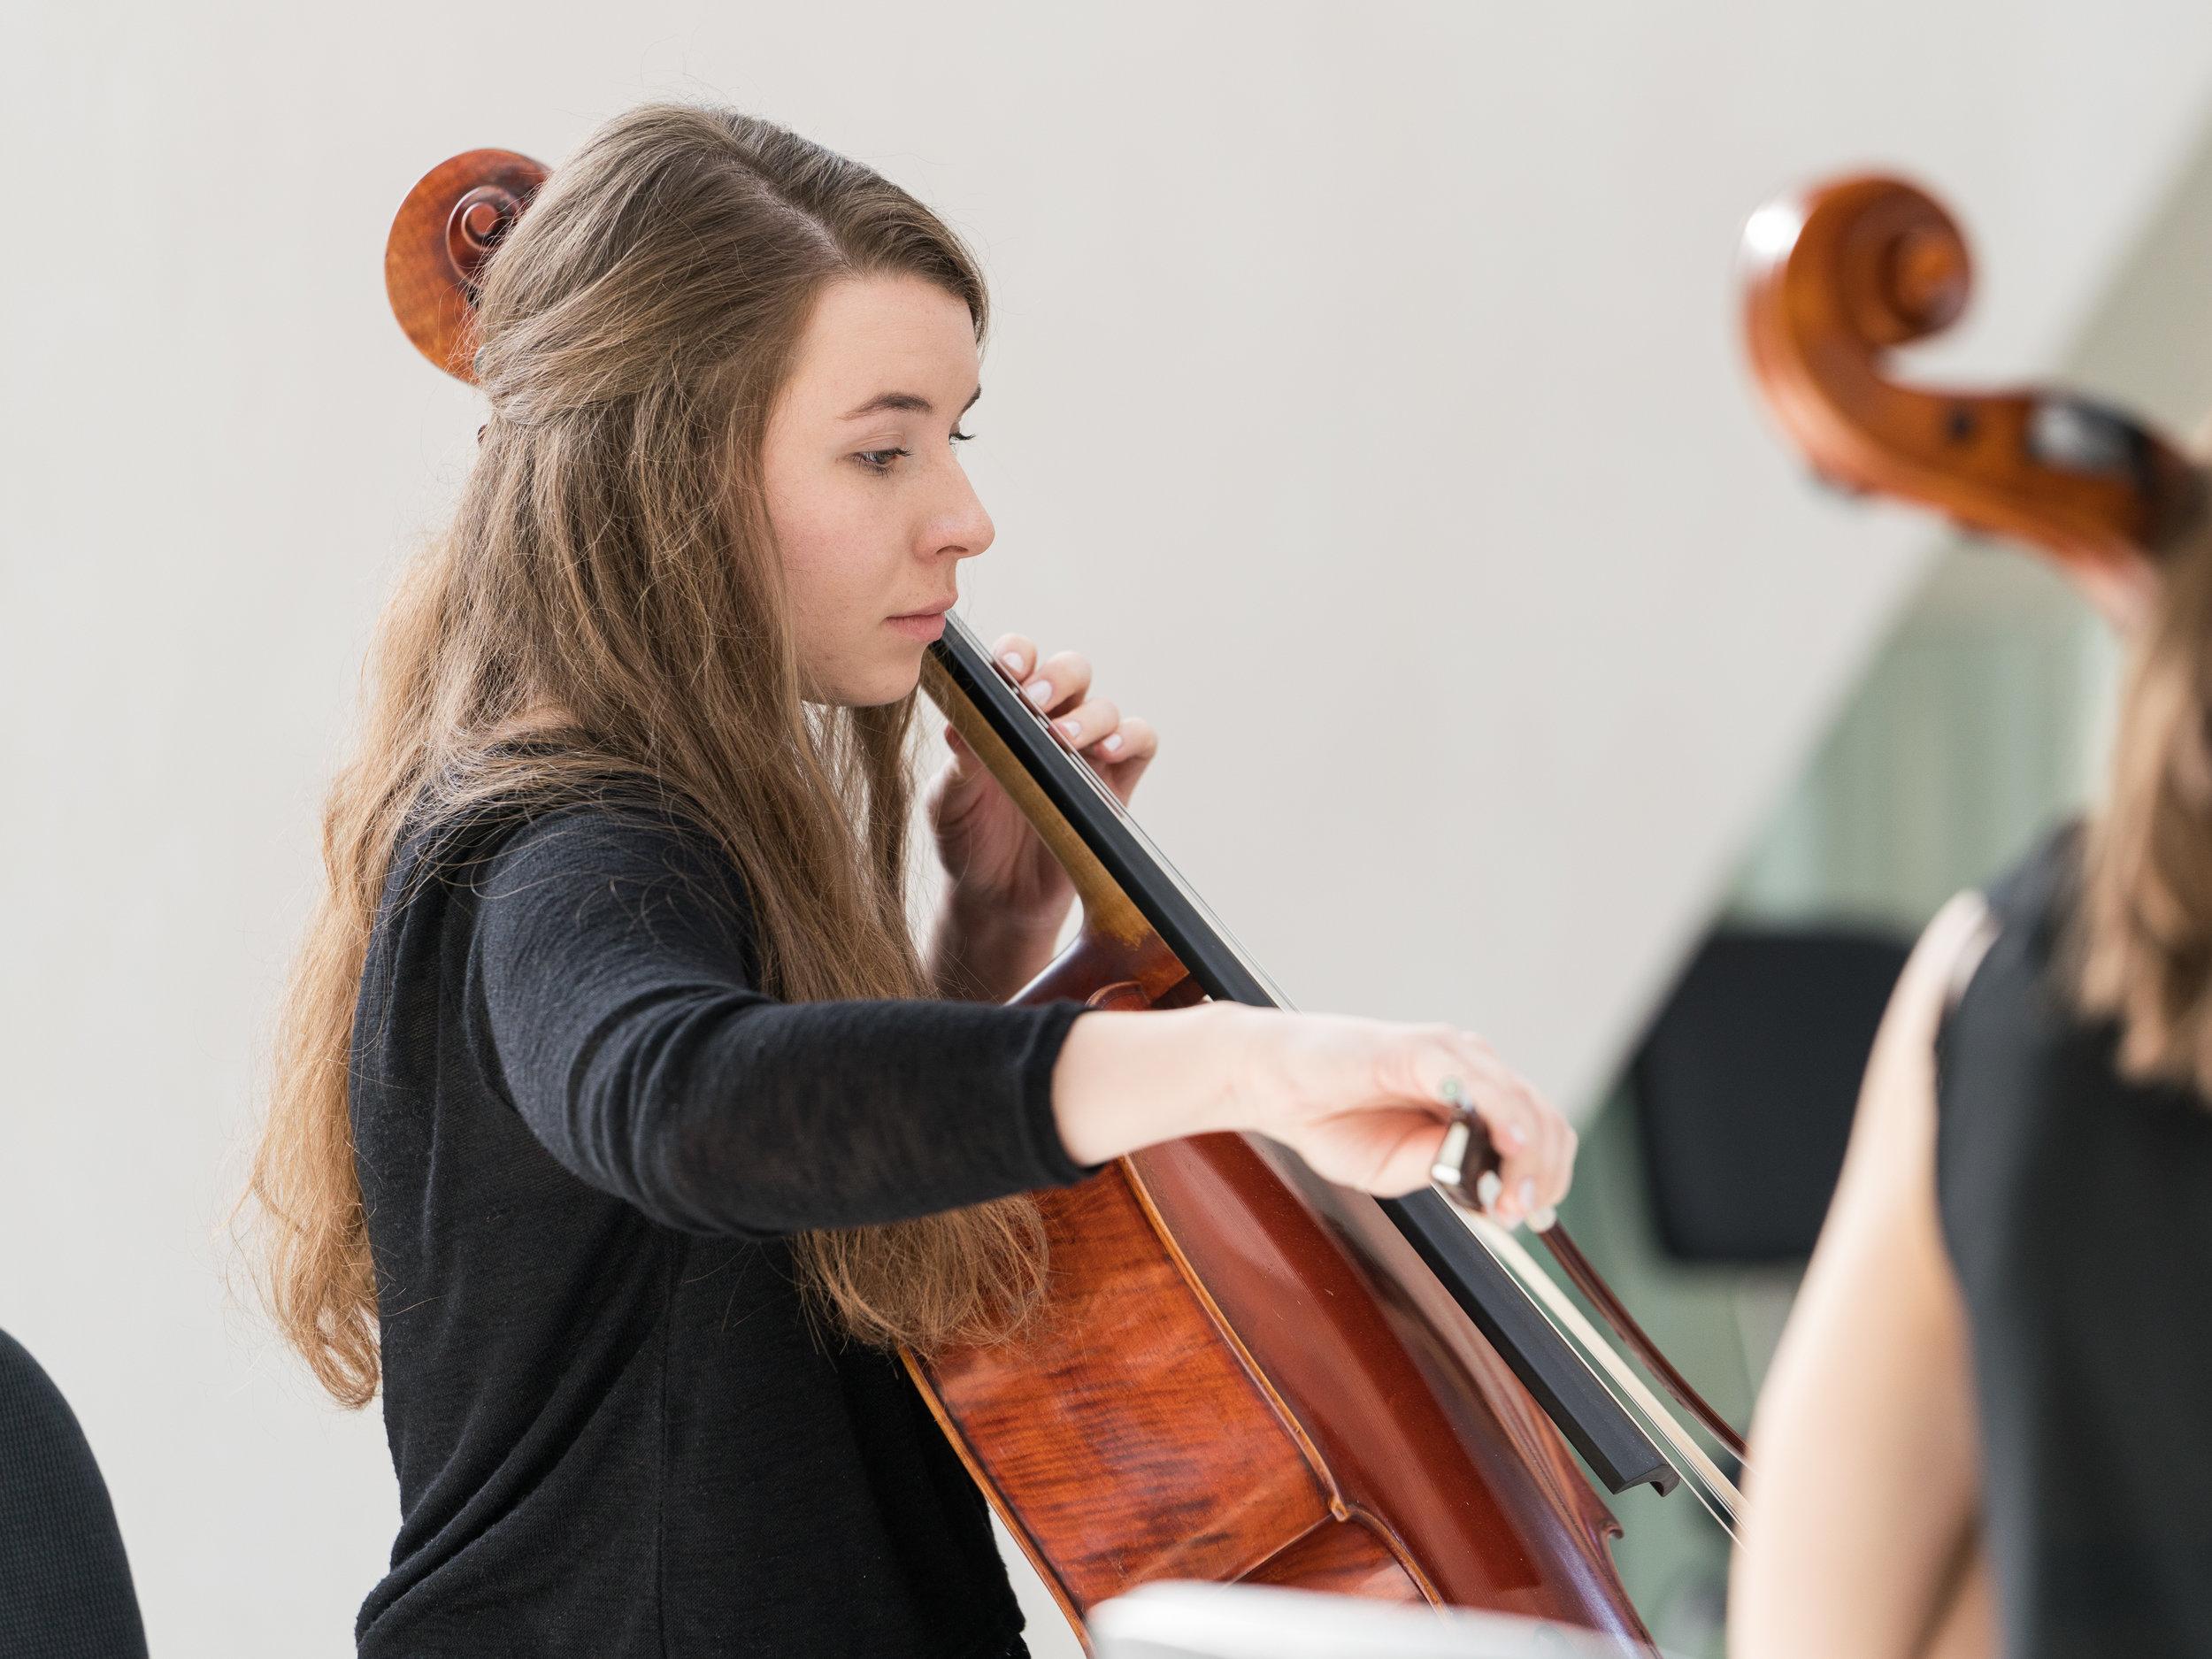 Konzert am Mittag - Cello20180206_016-036.jpg